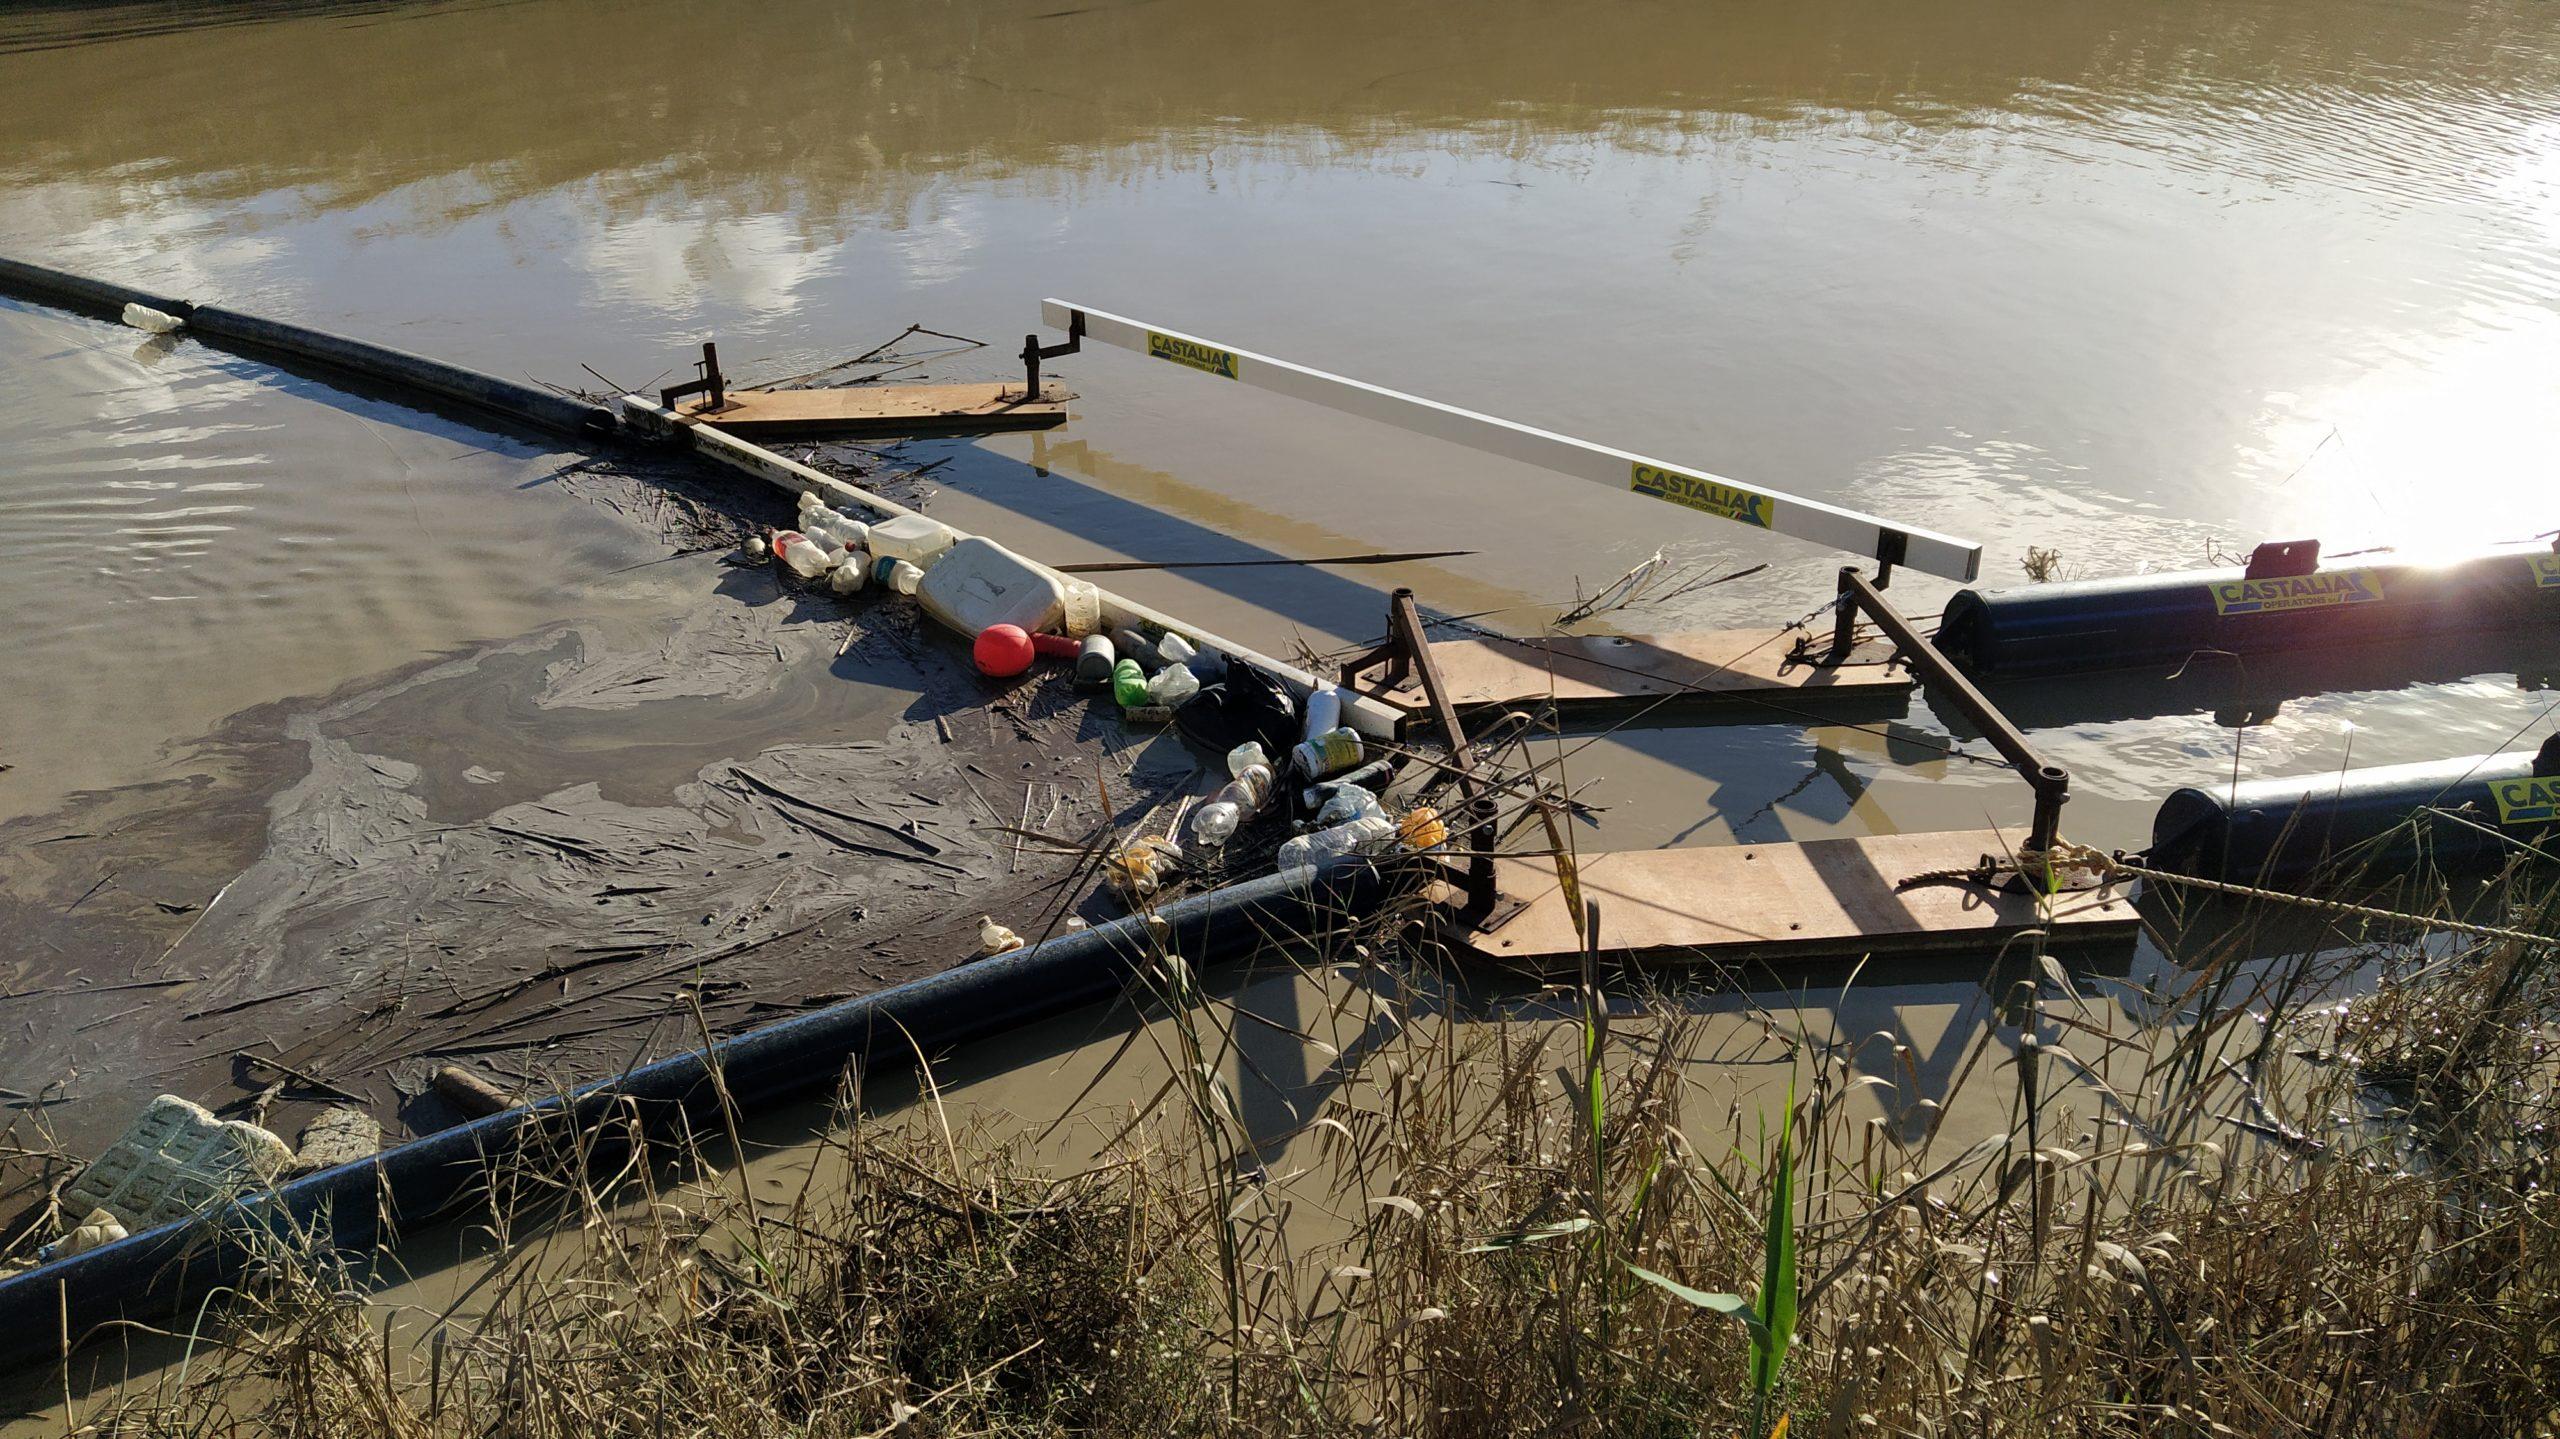 Quintali di rifiuti bloccati dalla barriera alla foce del fiume Platani